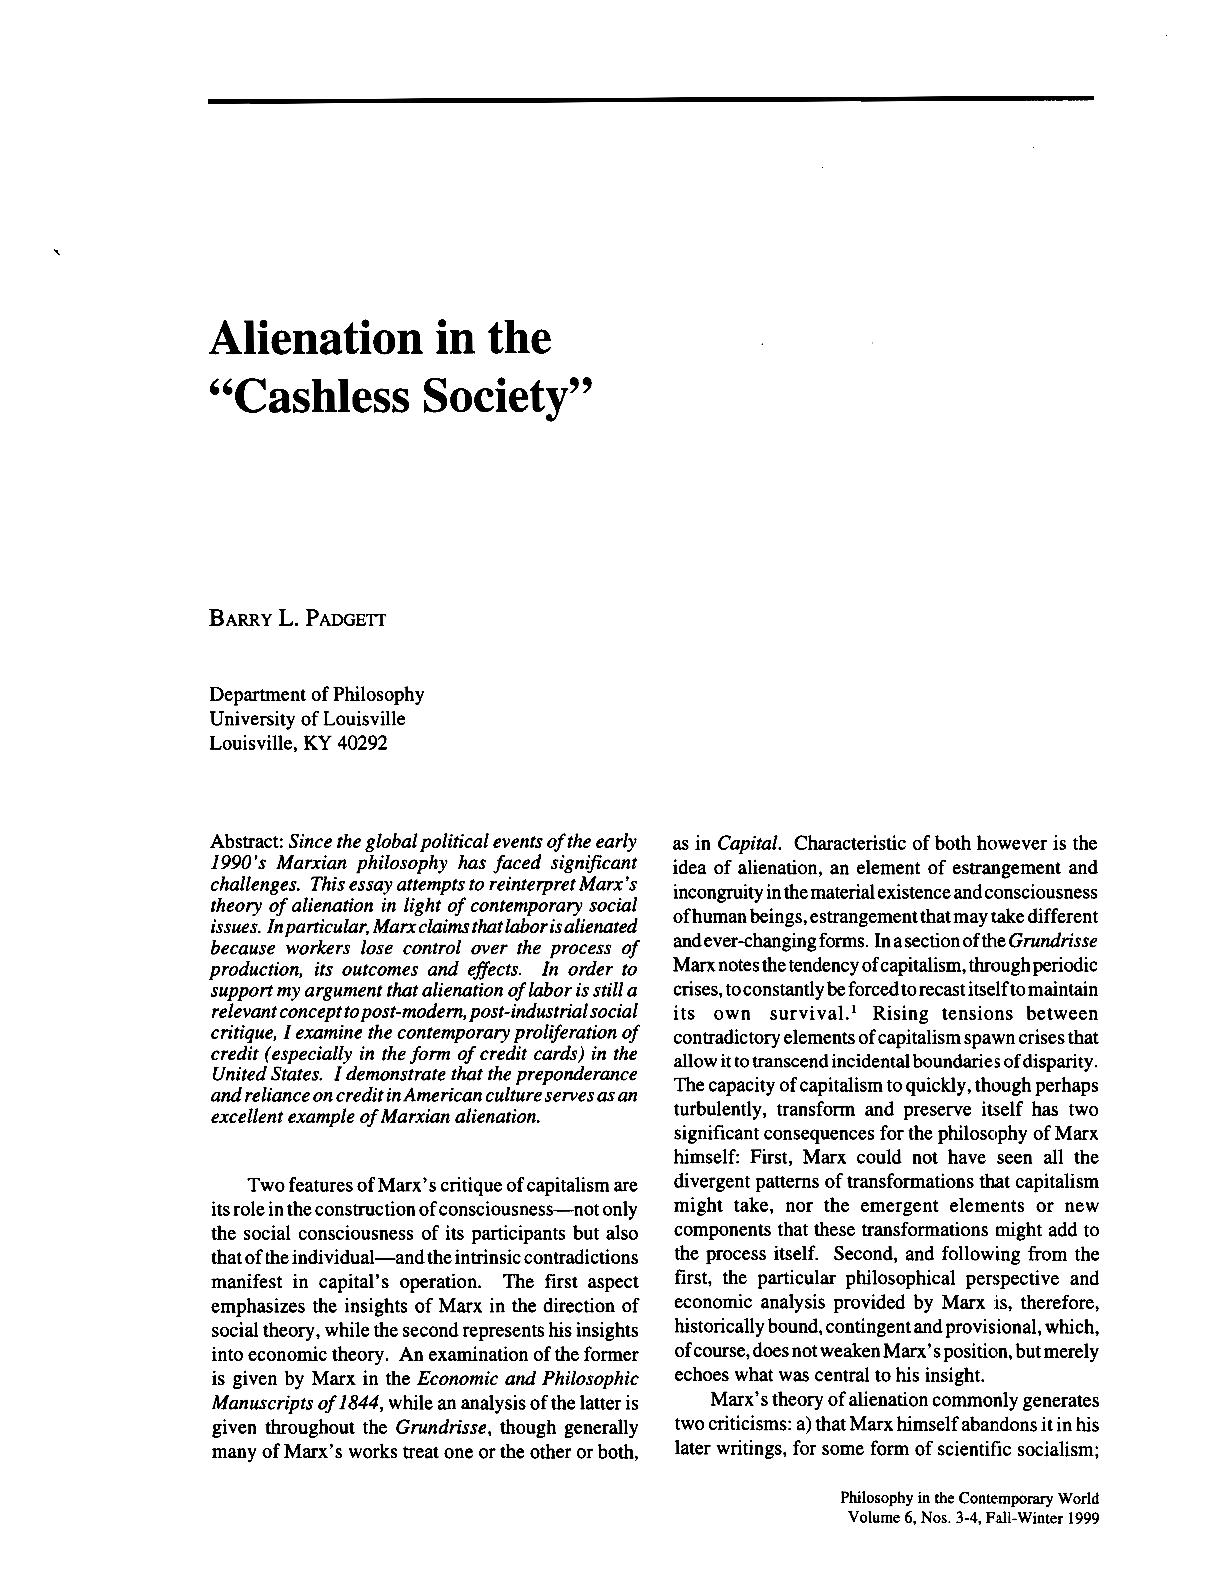 Cashless society essay